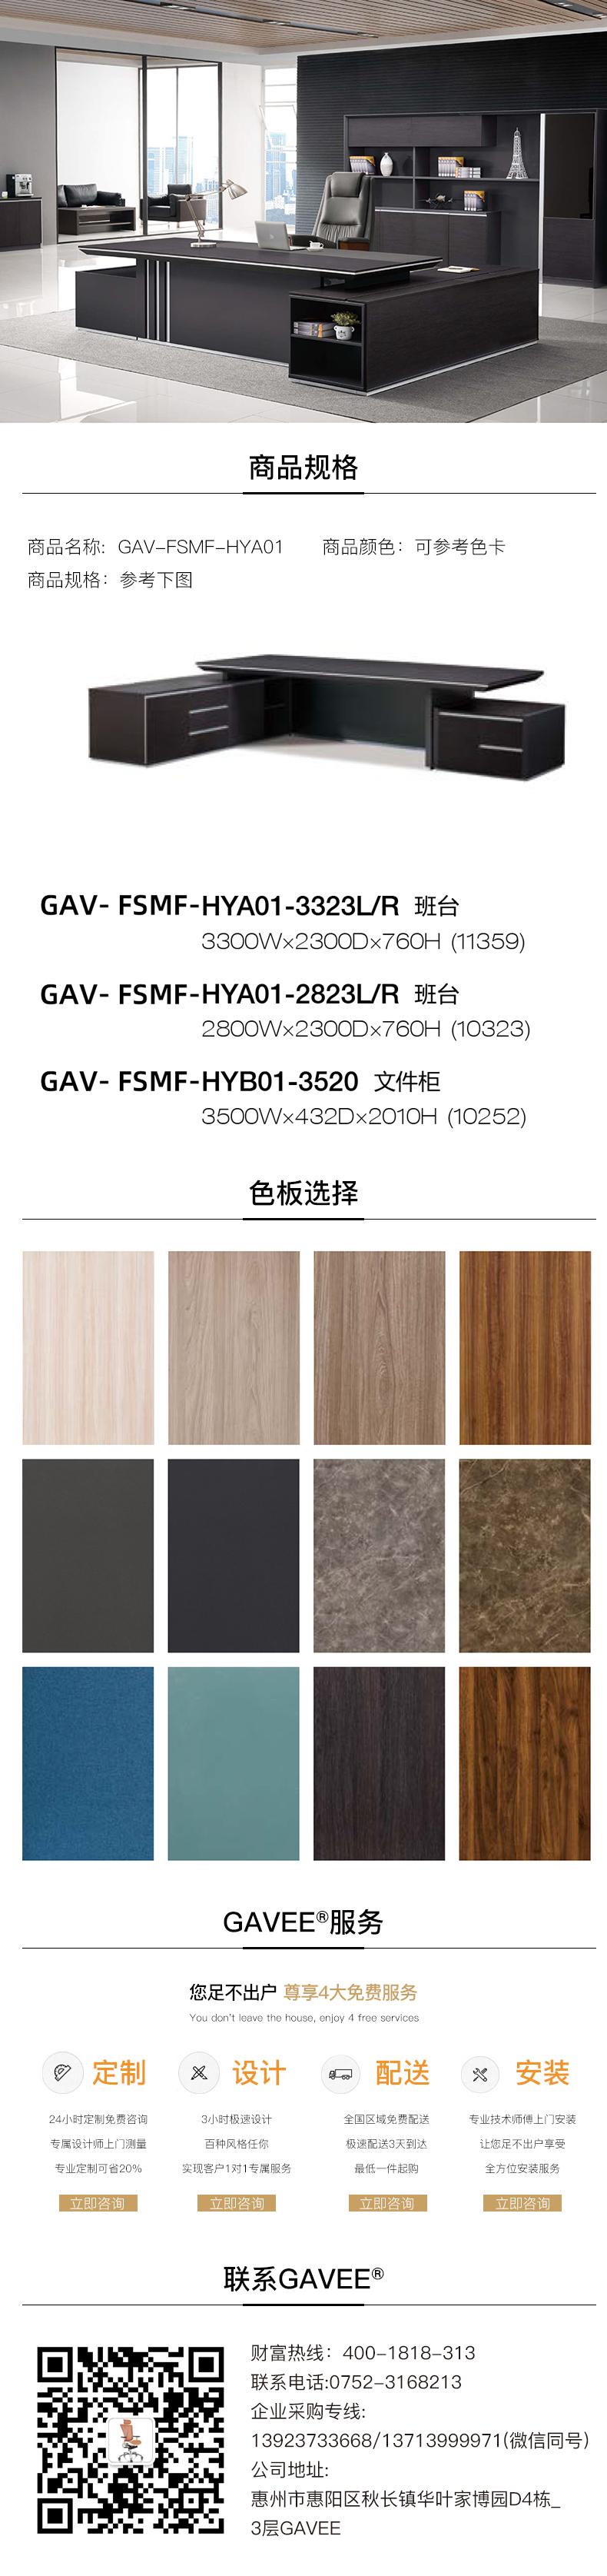 高層決策系統GAV-FSMF-HYA01.jpg